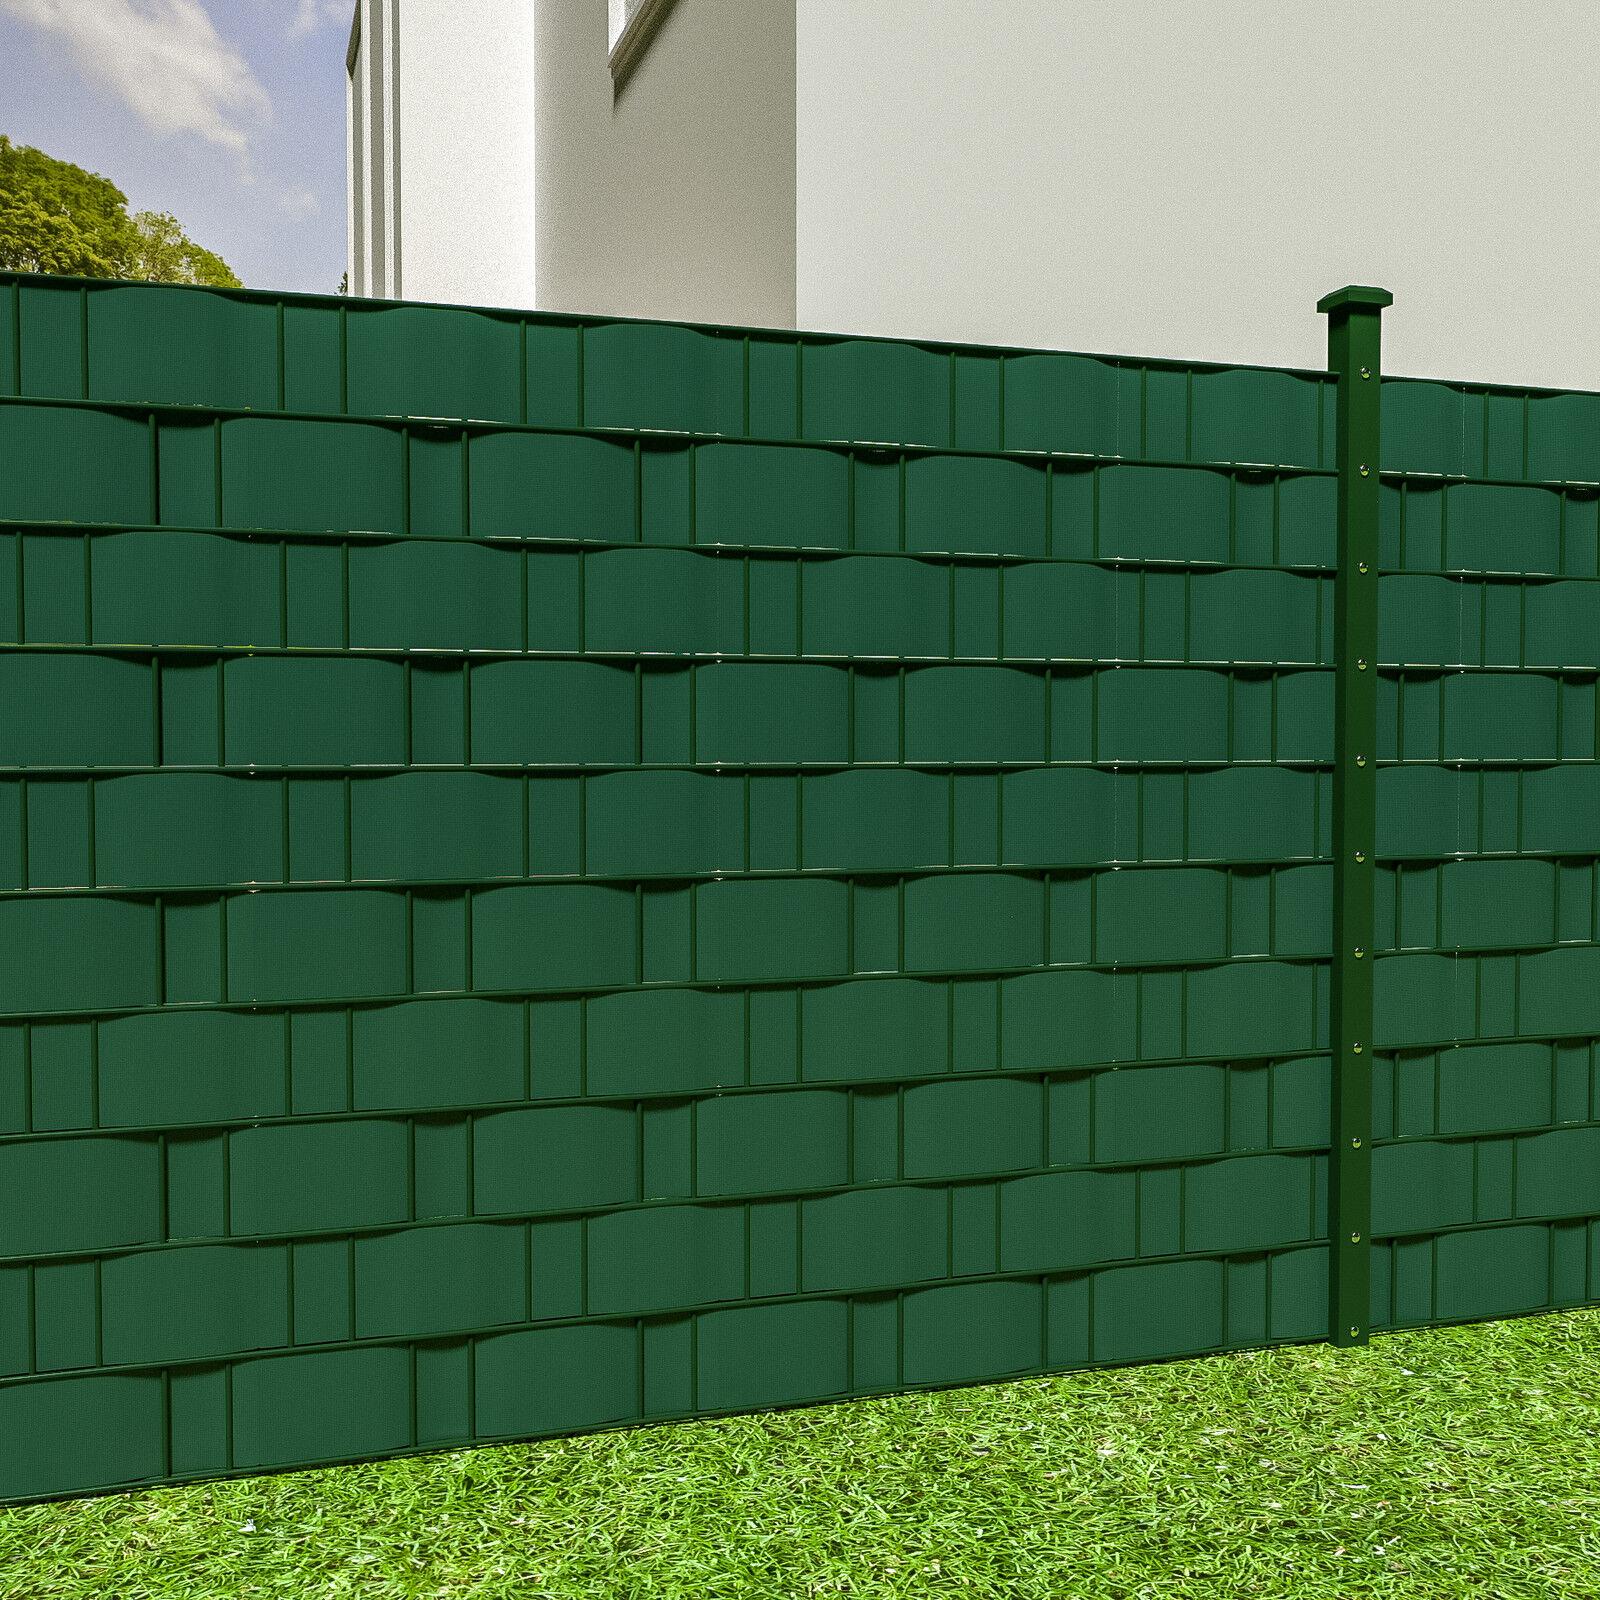 pvc sichtschutz streifen sichtschutzfolie doppelstabmatten schutz zaun 35m gr n eur 24 89. Black Bedroom Furniture Sets. Home Design Ideas